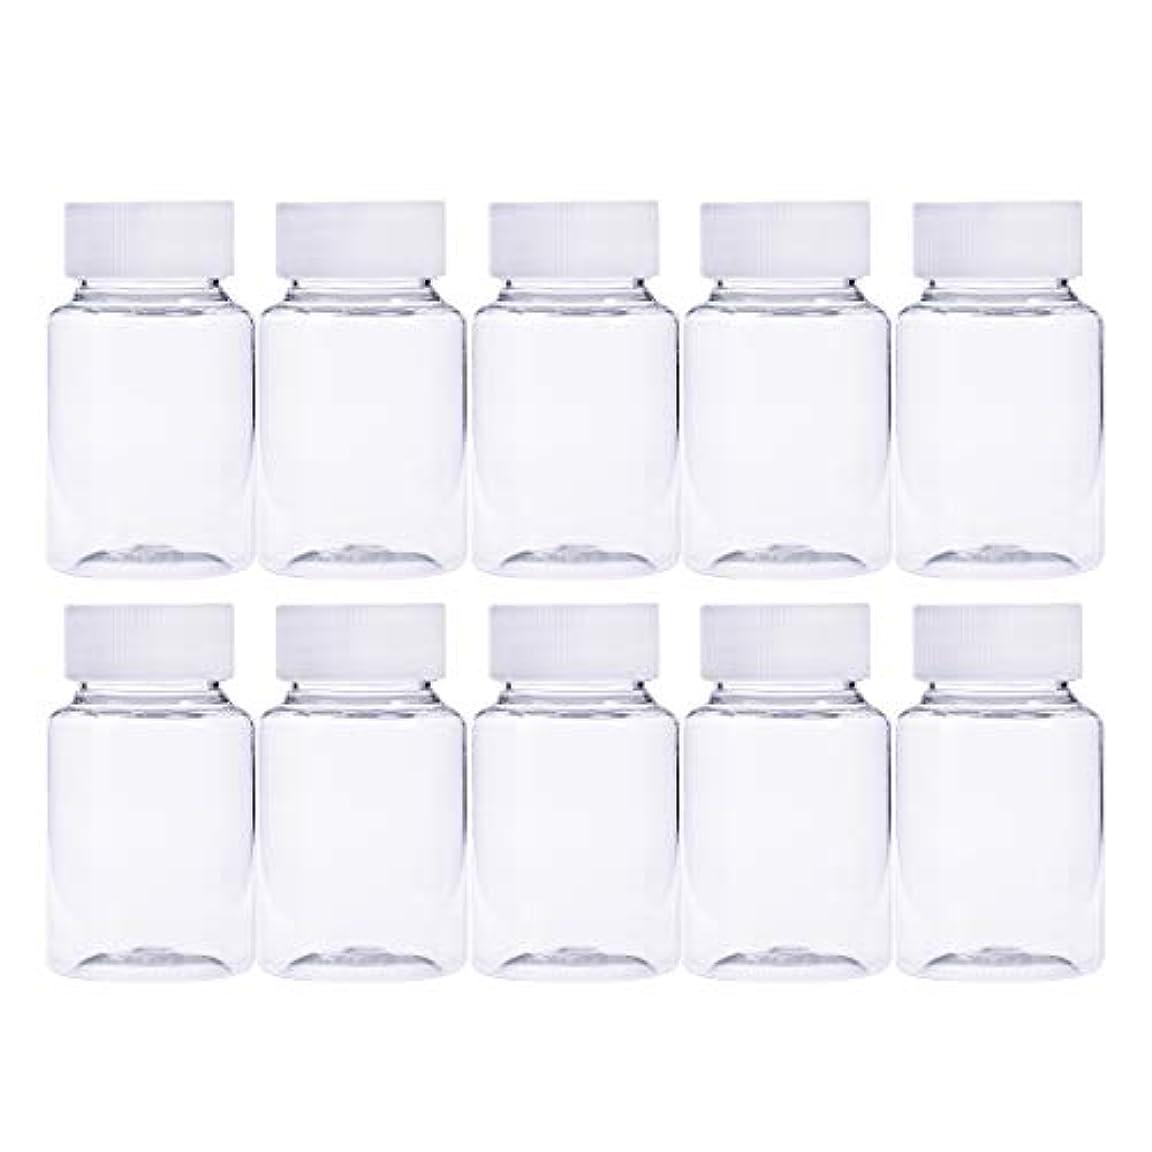 空いているどんよりしたセーターFrcolor 12個 80ml 小分けボトル 広口 クリア 詰め替え容器 薬保存 ビーズ収納 液体 化学薬品収納ボトル 化粧小分け容器 プラスチック容器